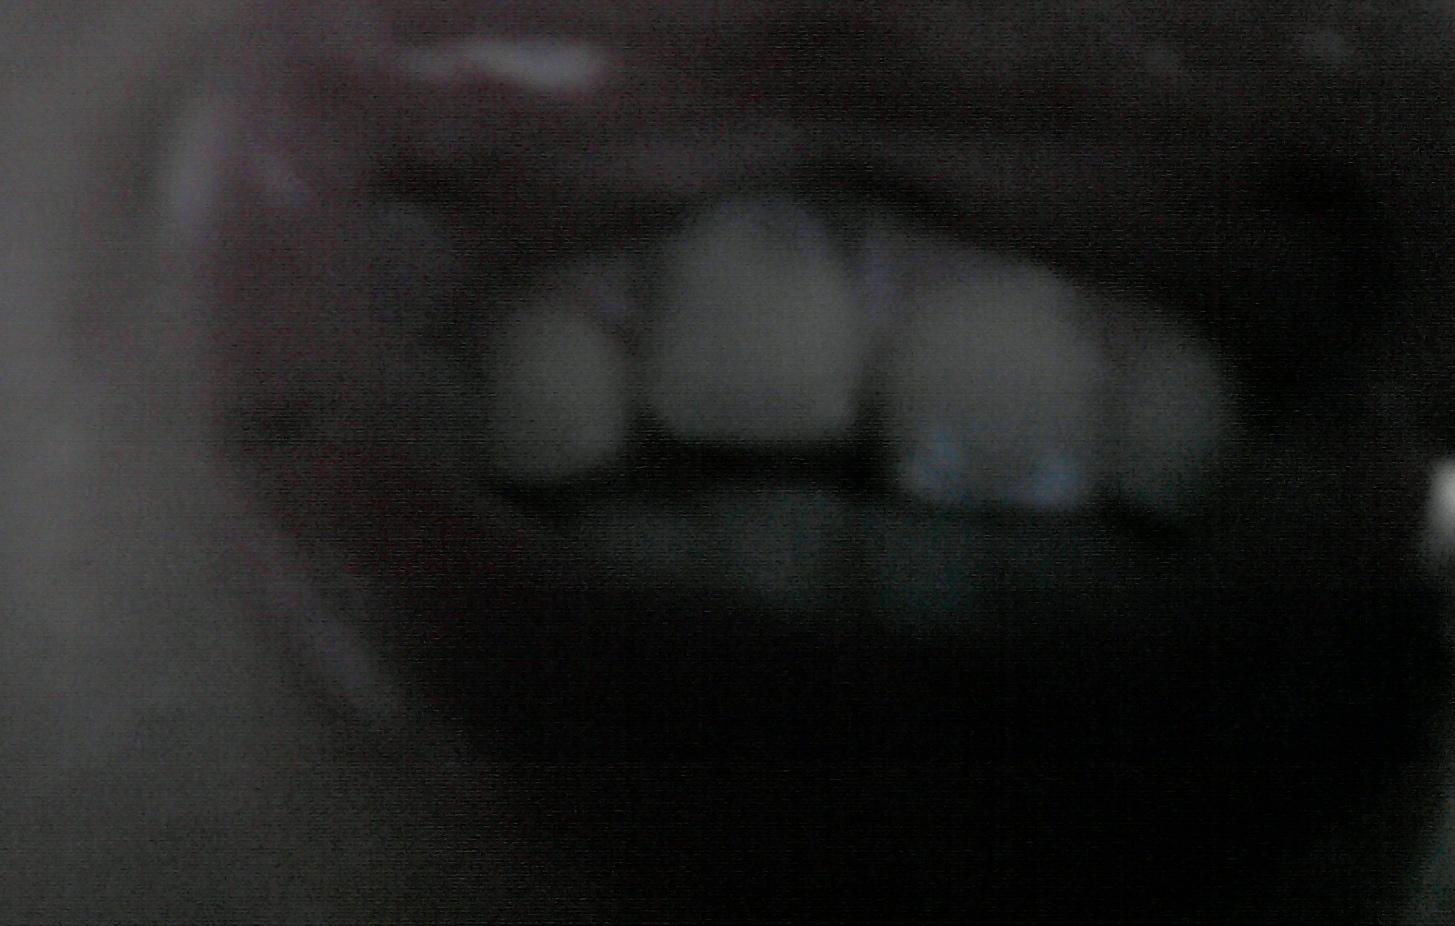 Ho un dente incisivo più in alto dell'altro